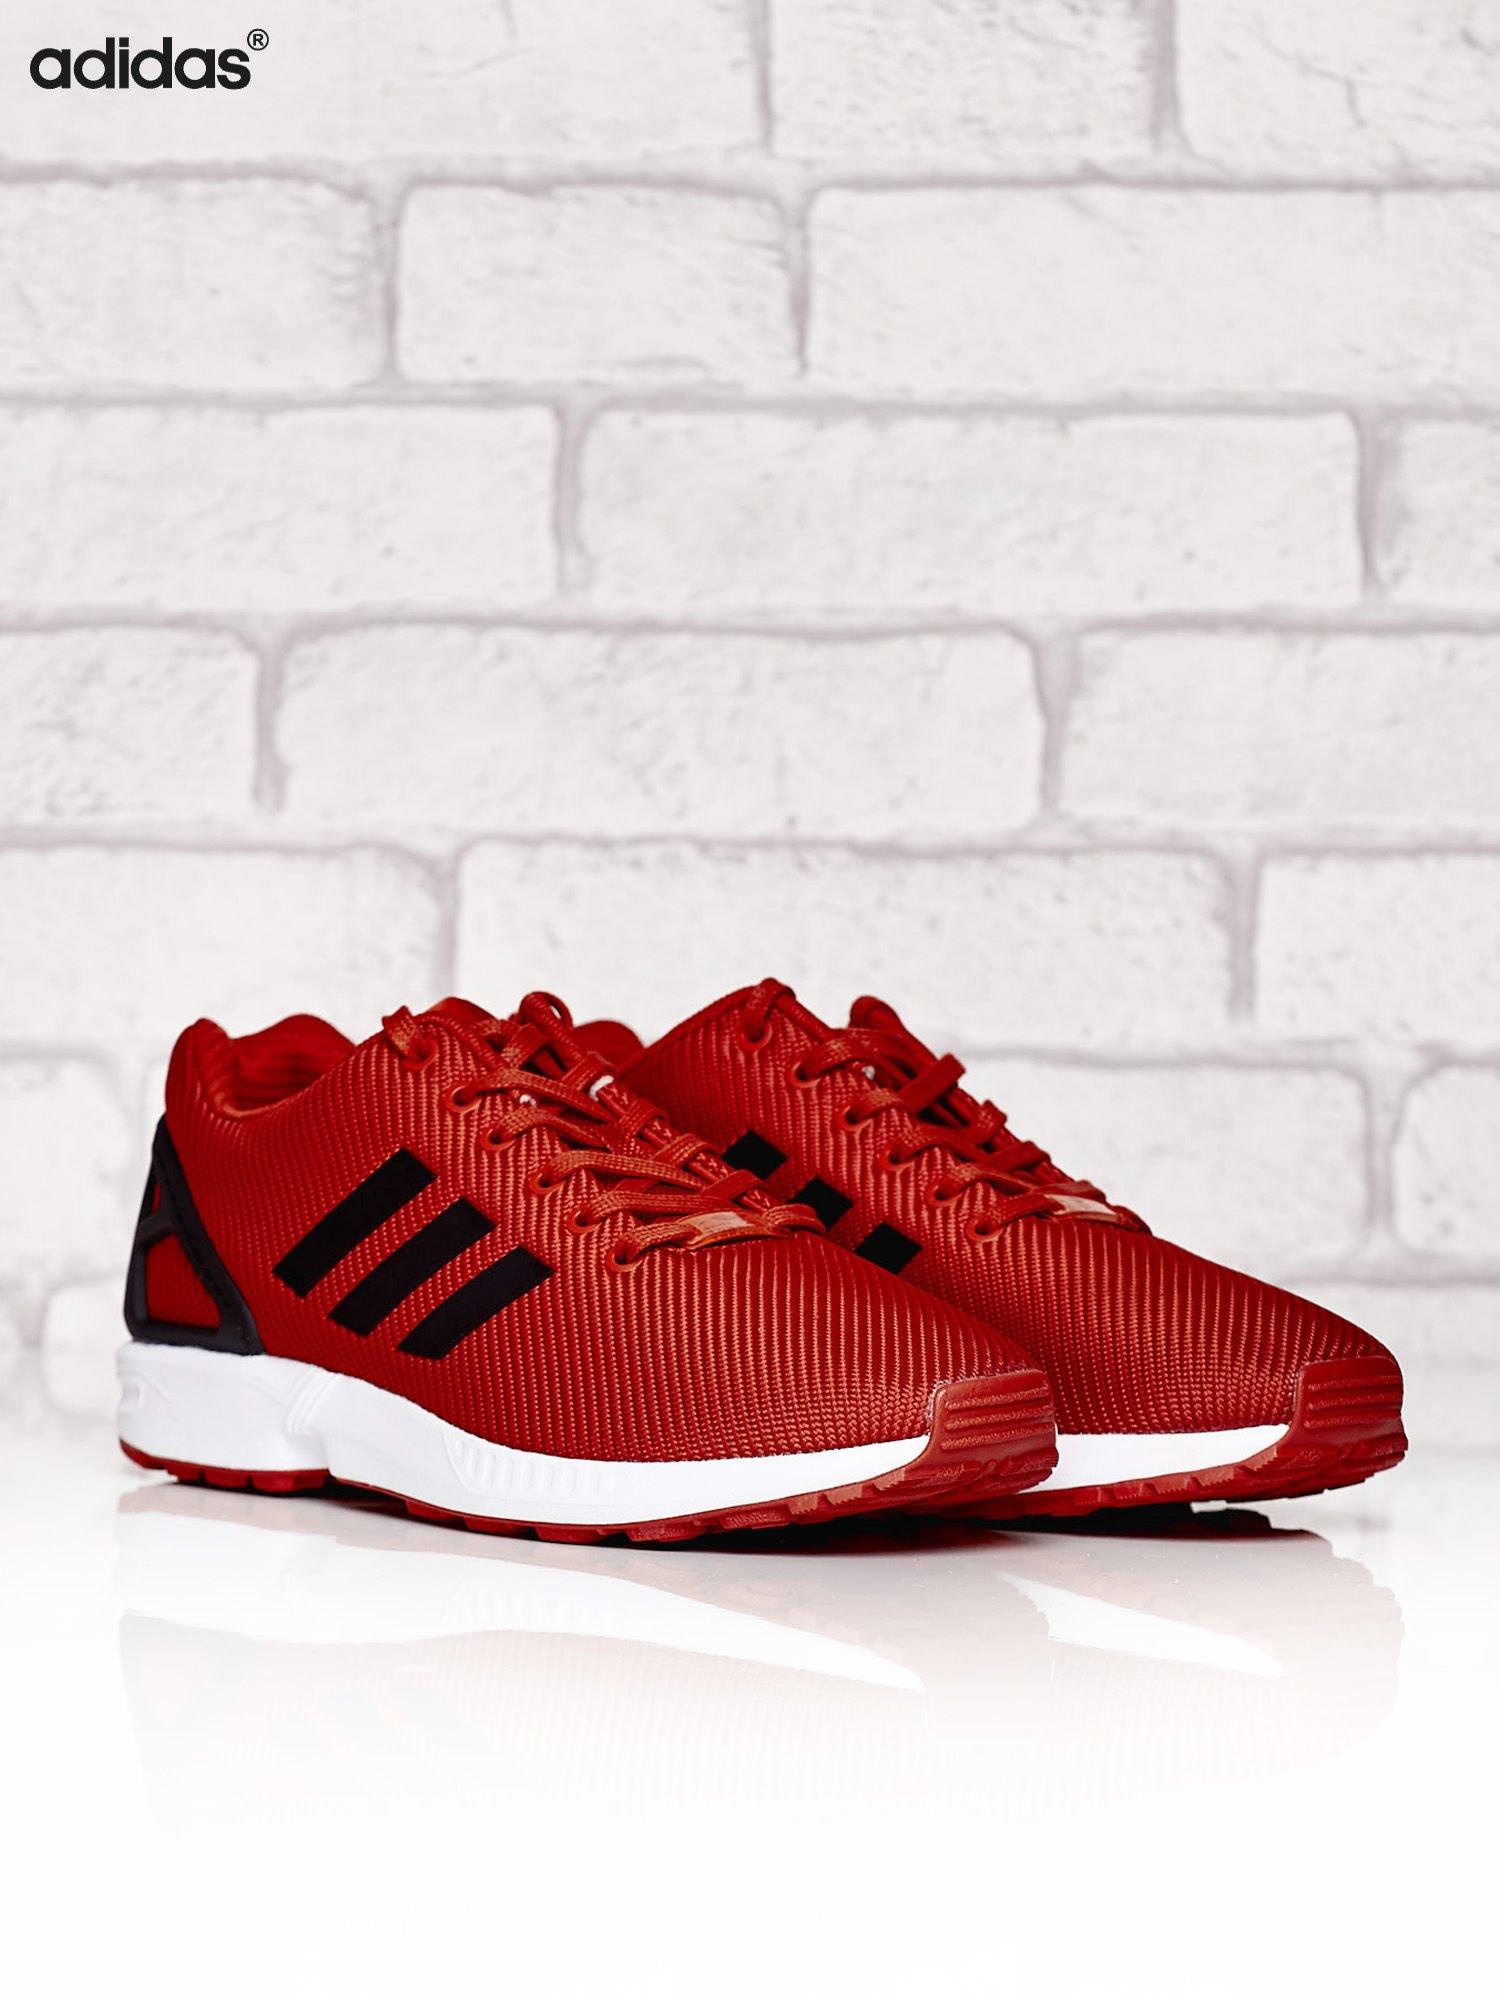 7d84576a30f1c ADIDAS Ciemnopomarańczowe buty sportowe męskie - Mężczyźni Buty ...